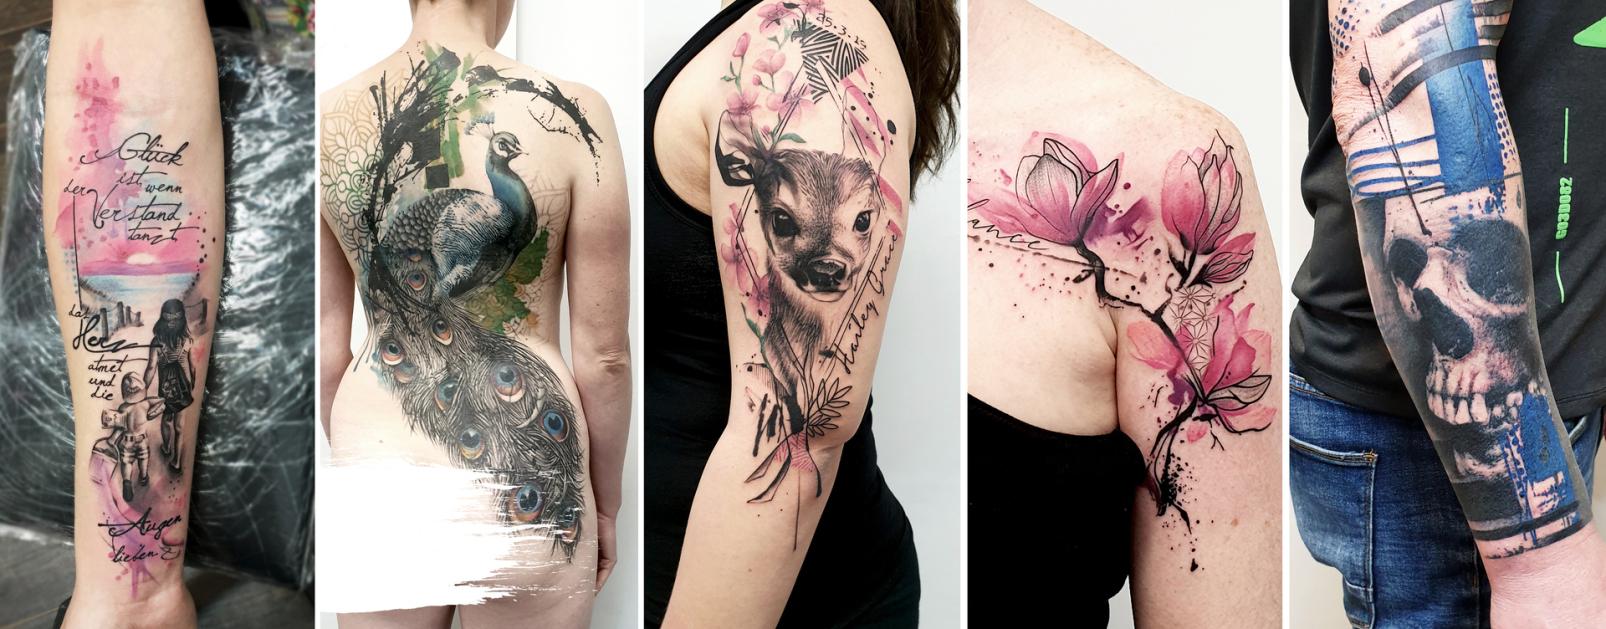 Stechpunkt Trash Tattoo